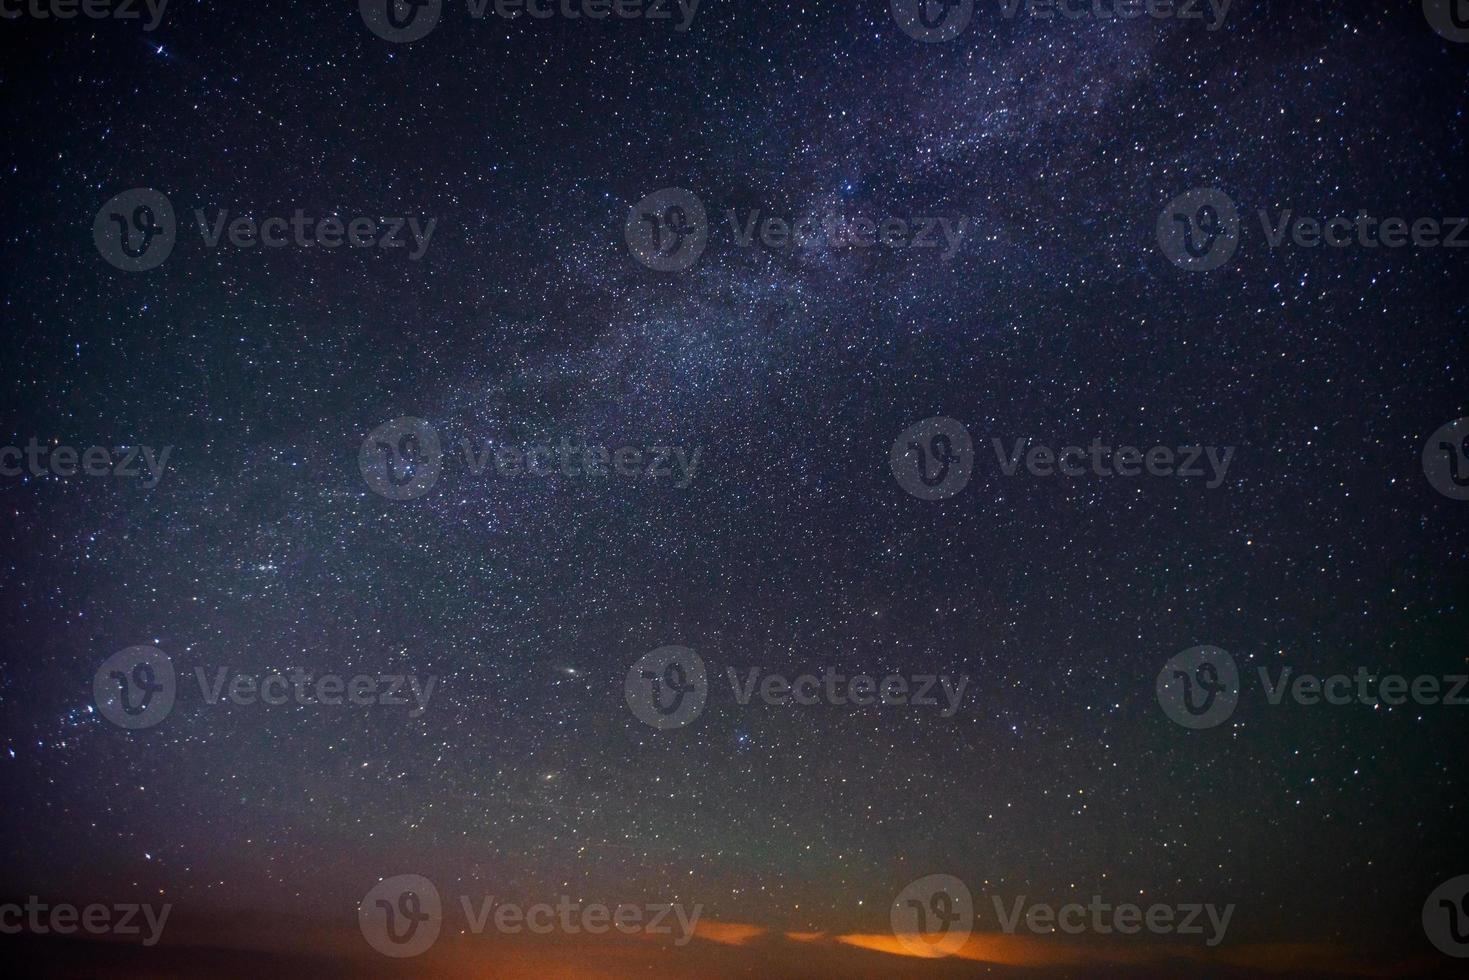 sterren besprenkeld door donkerblauwe nachtelijke hemel foto